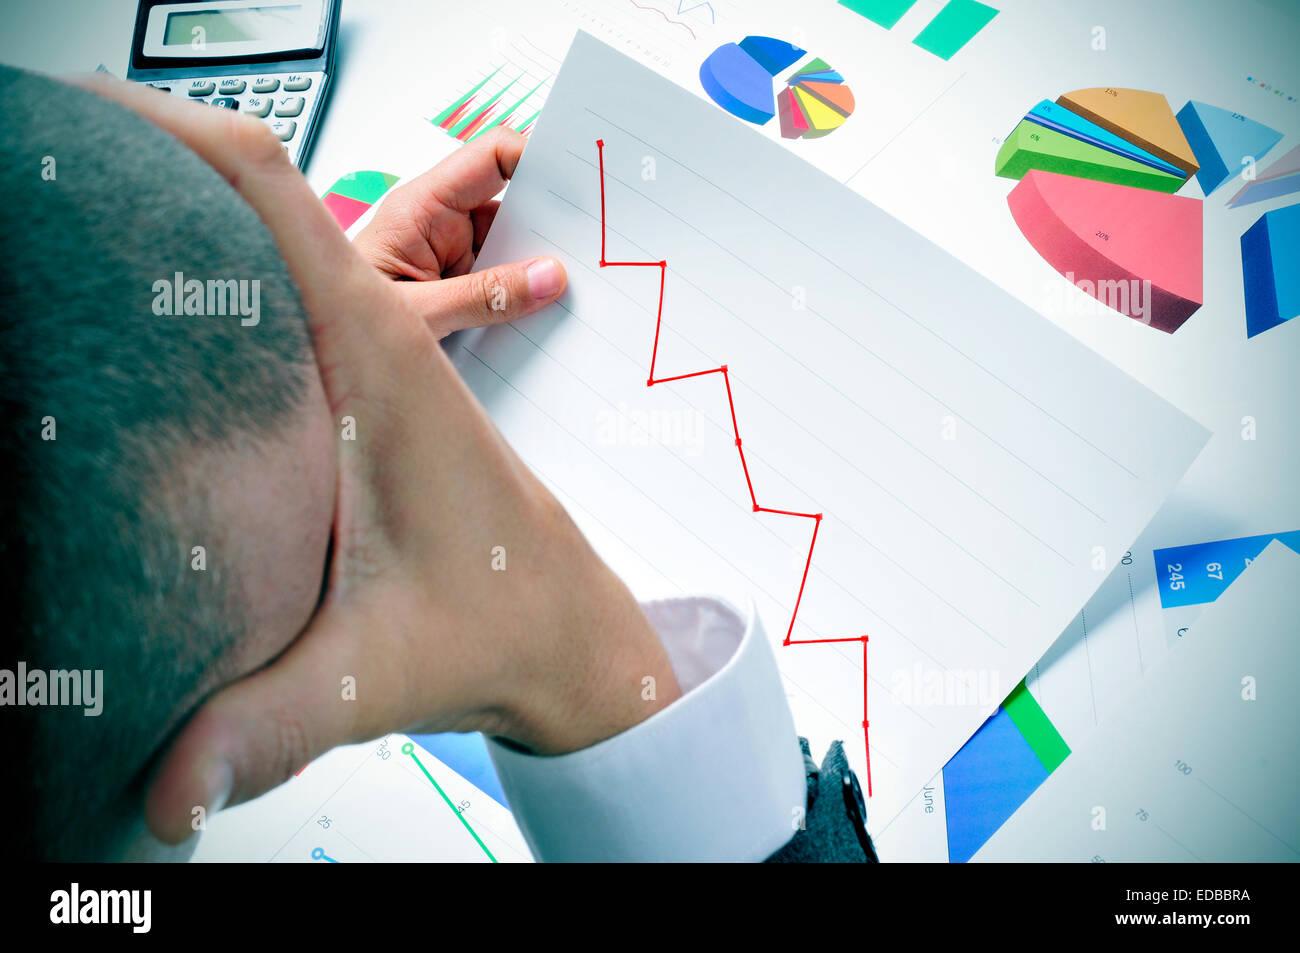 Imprenditore nel suo ufficio pieno di grafici e diagrammi osservando preoccupato un grafico con una tendenza verso Immagini Stock